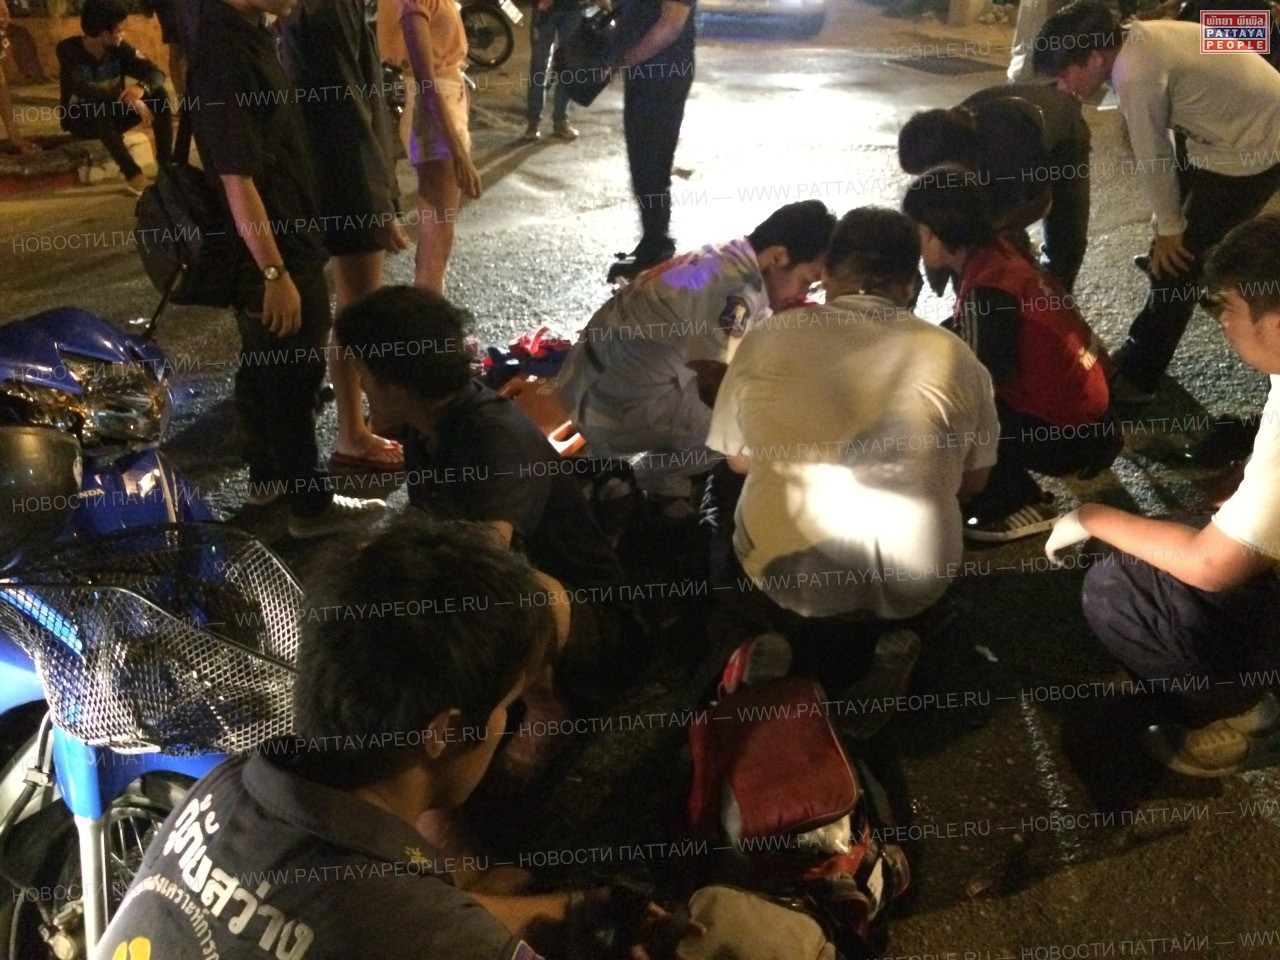 Столкновение мотоциклистов - пострадали подростки(1)